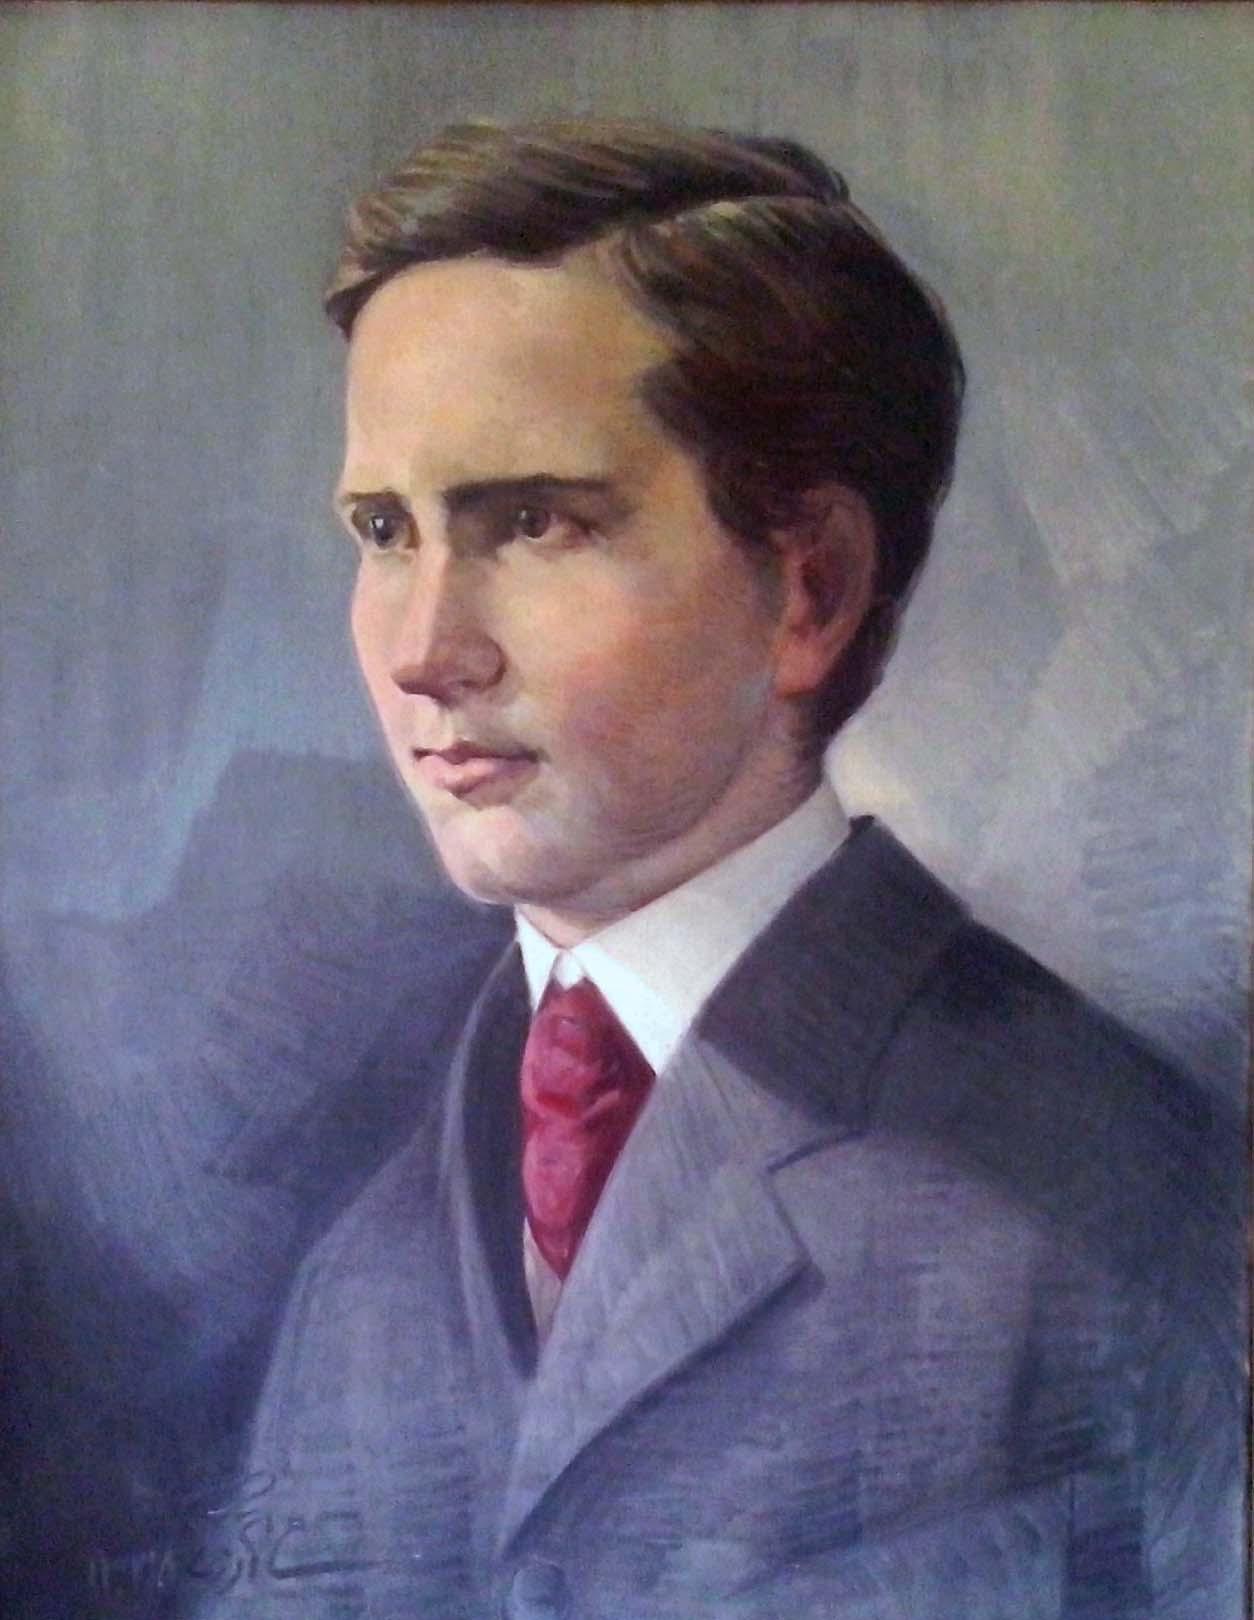 هوارد باسکرویل؛ آمریکایی محبوب ایرانیها